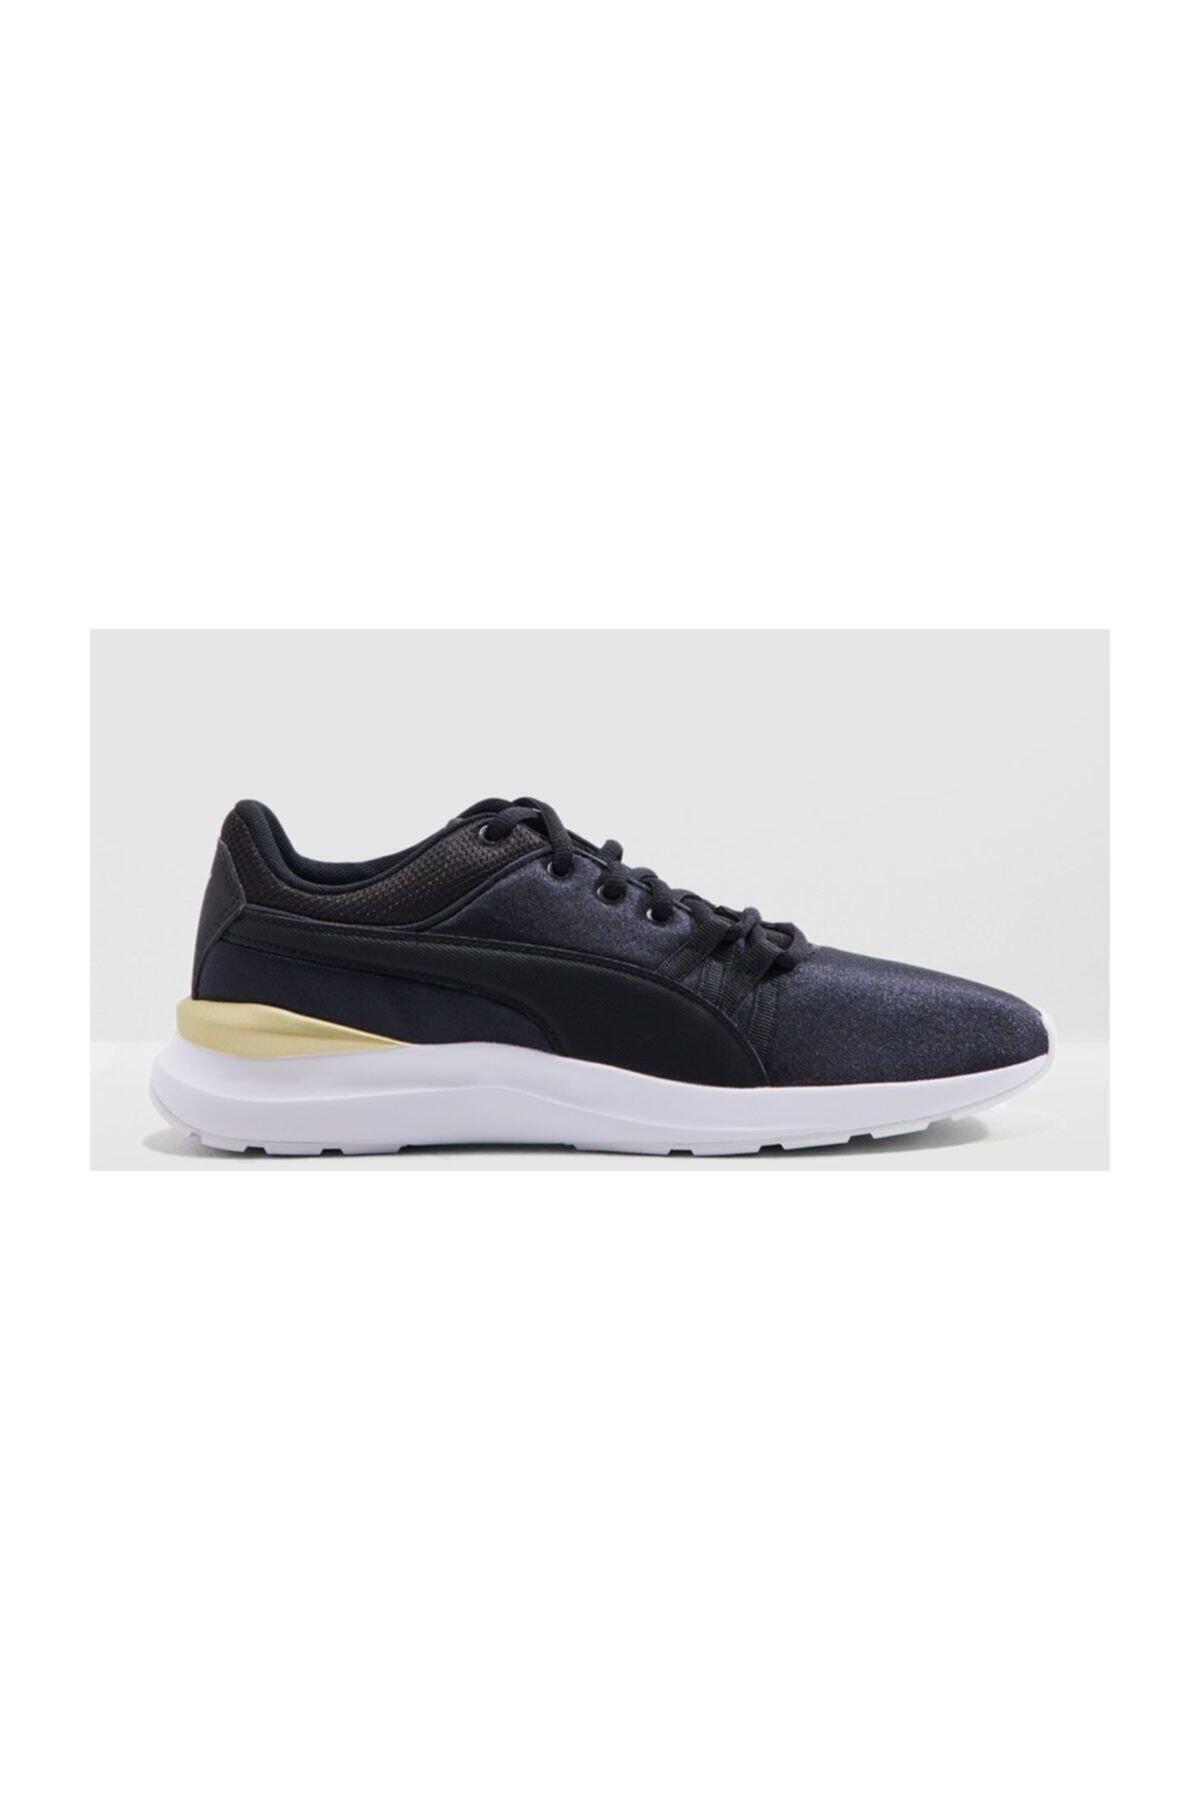 Puma Kadın Siyah Bağcıklı Spor Ayakkabı 2